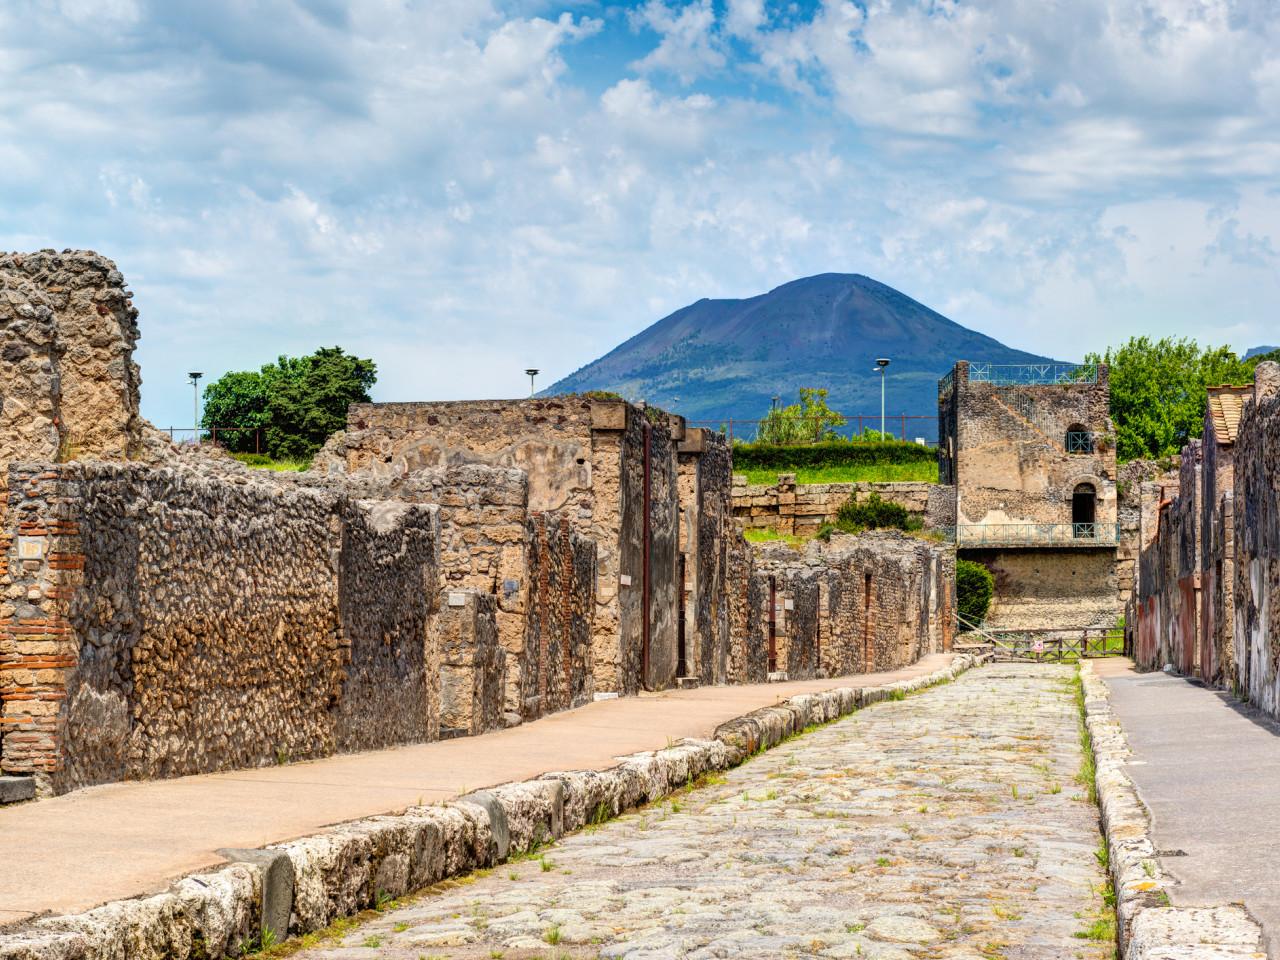 Hercolaneum, Vesuvius & Pompeii tour